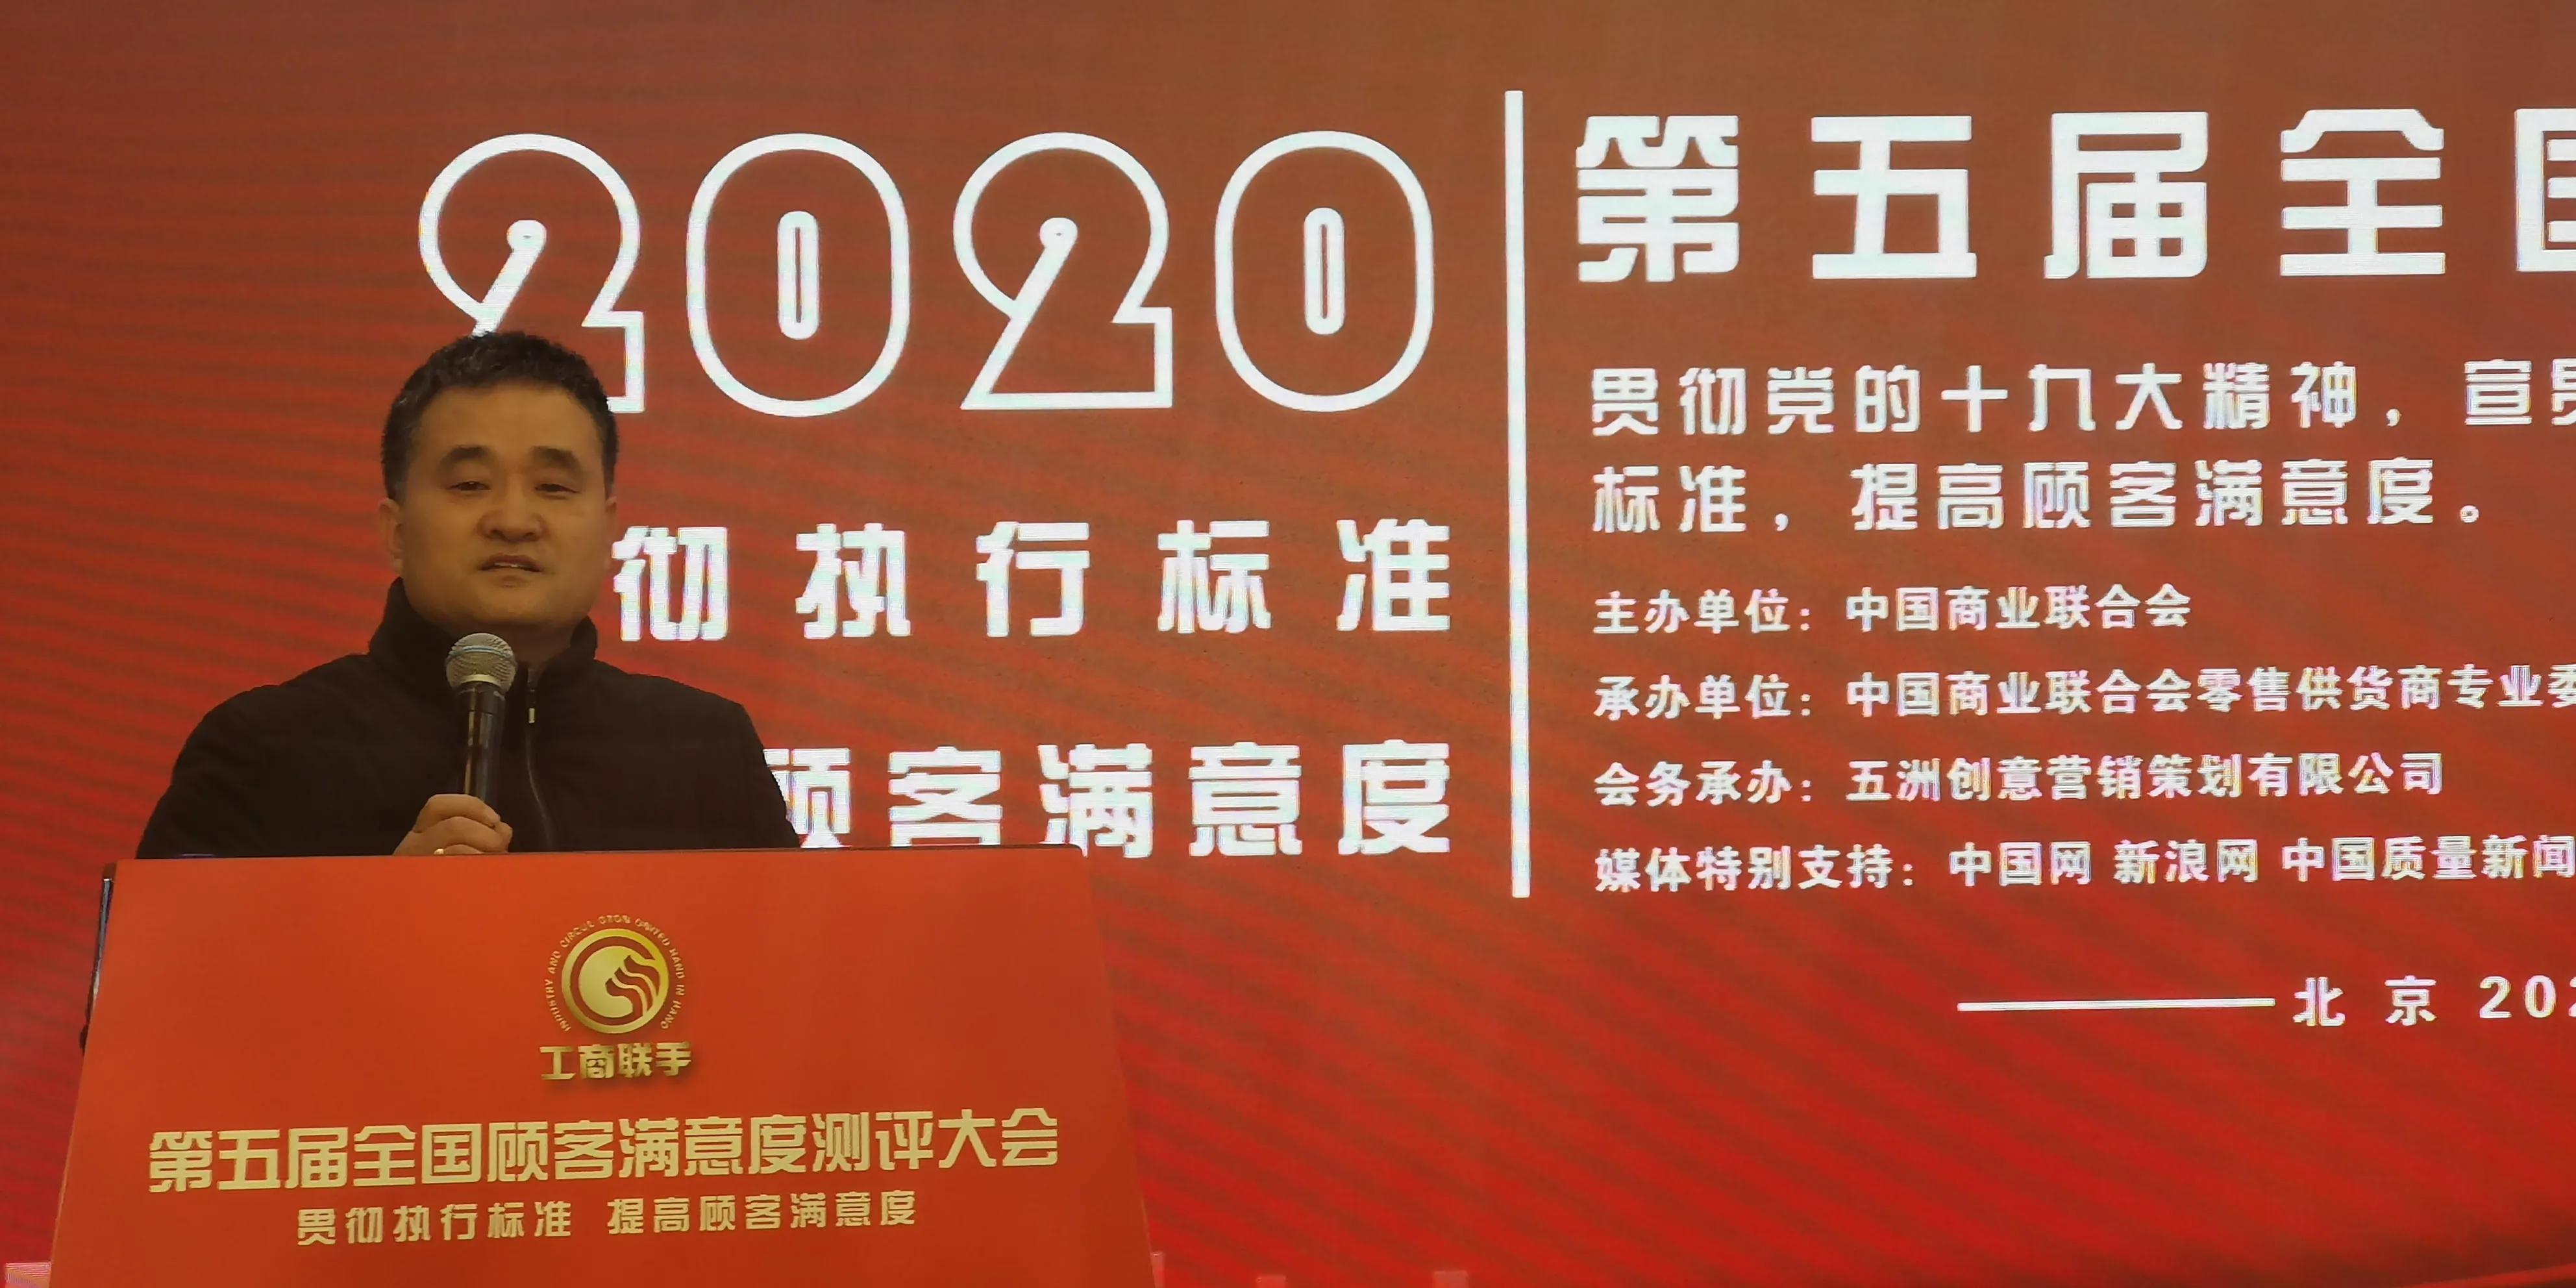 [知产晨讯]11月23日:官方发布中华人民共和国专利法全文;《专利导航指南》(GB/T39551-2020)系列国家标准发布